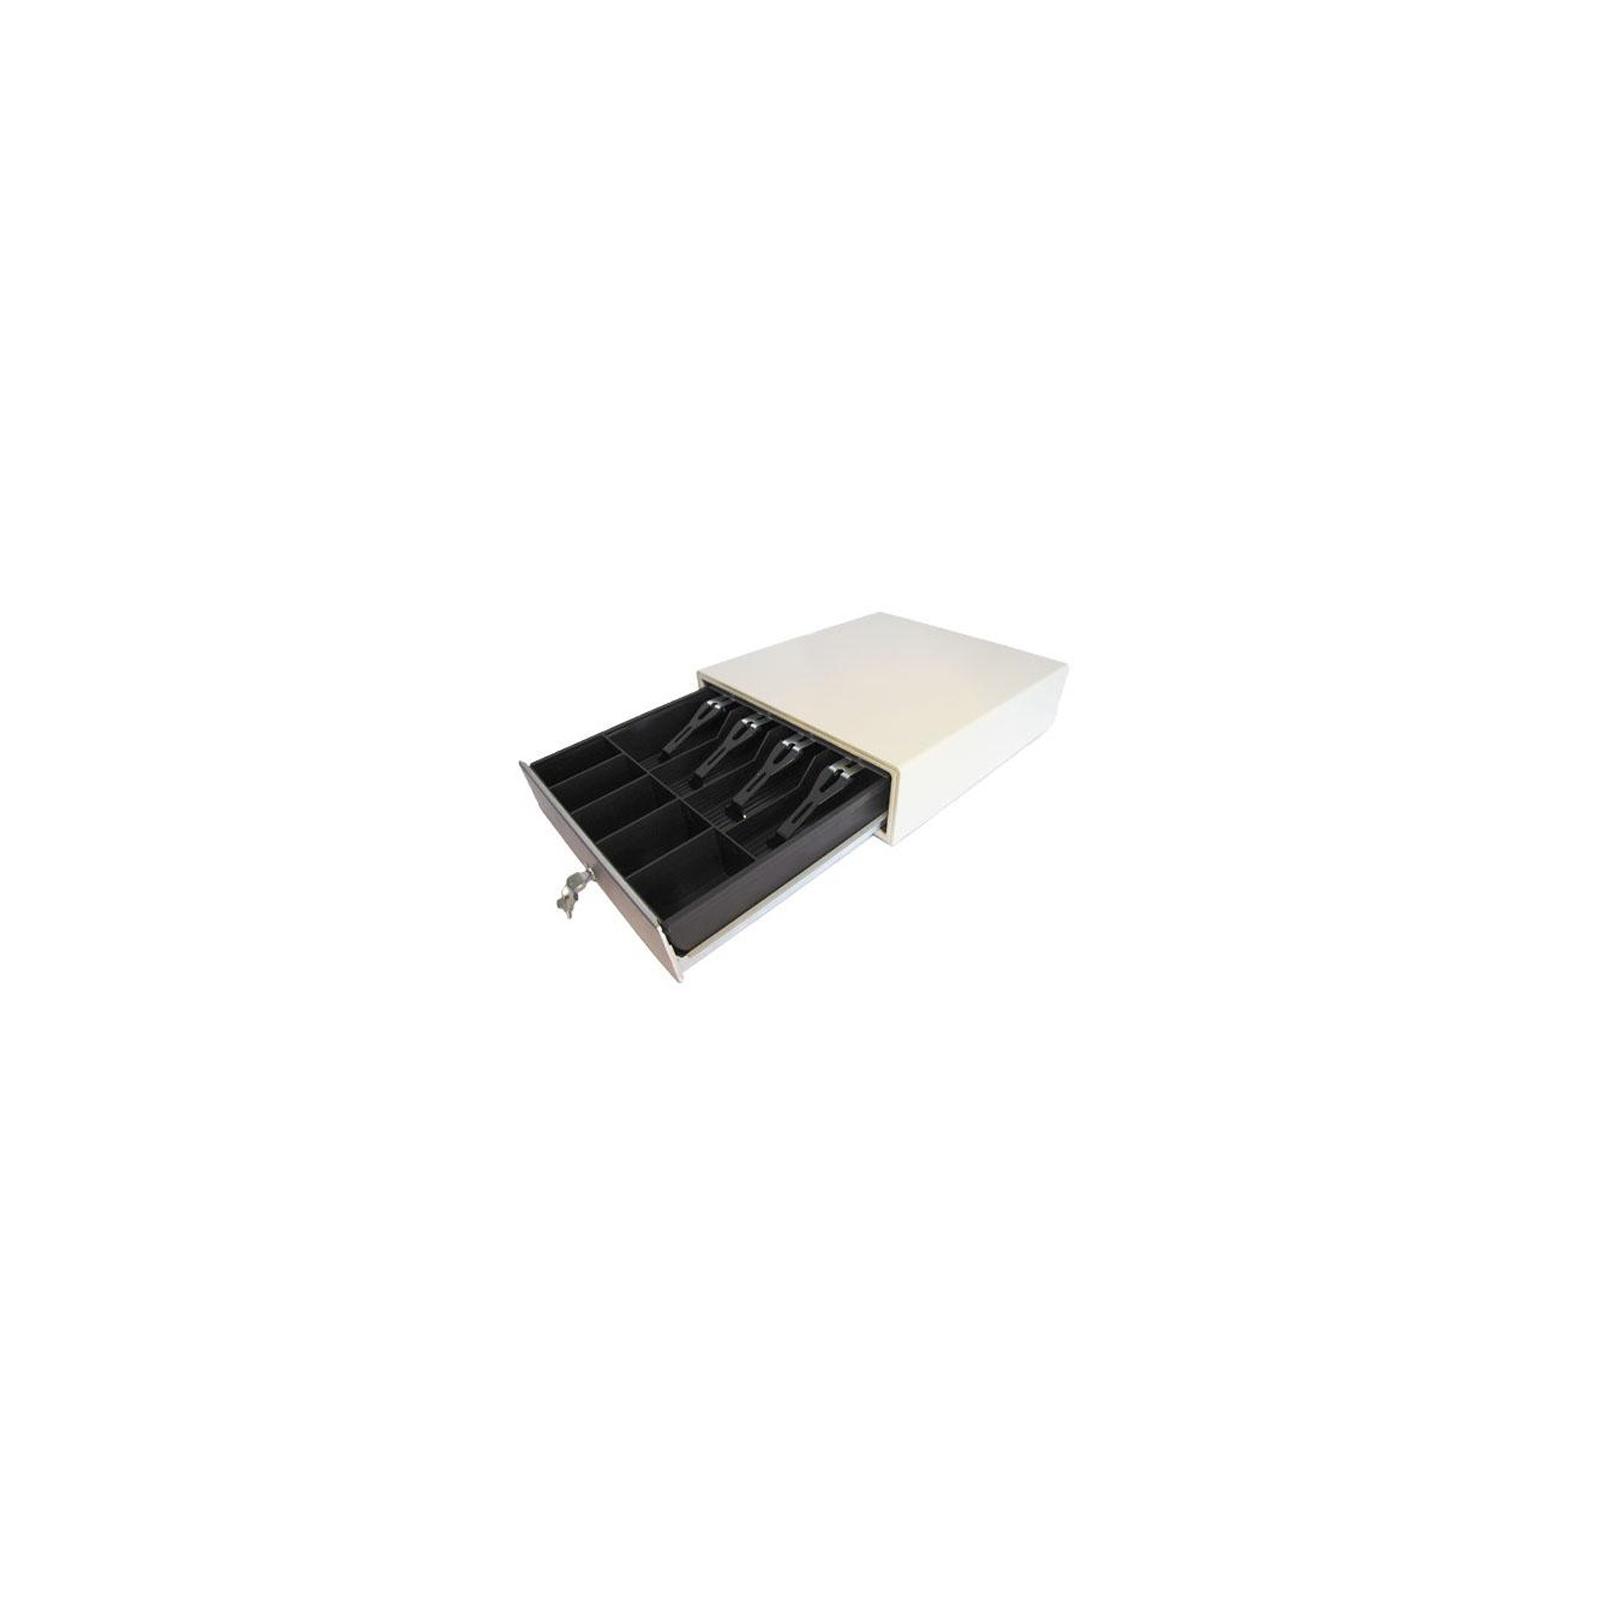 Денежный ящик HPC System HPC 13S Wh 6V (287) изображение 2